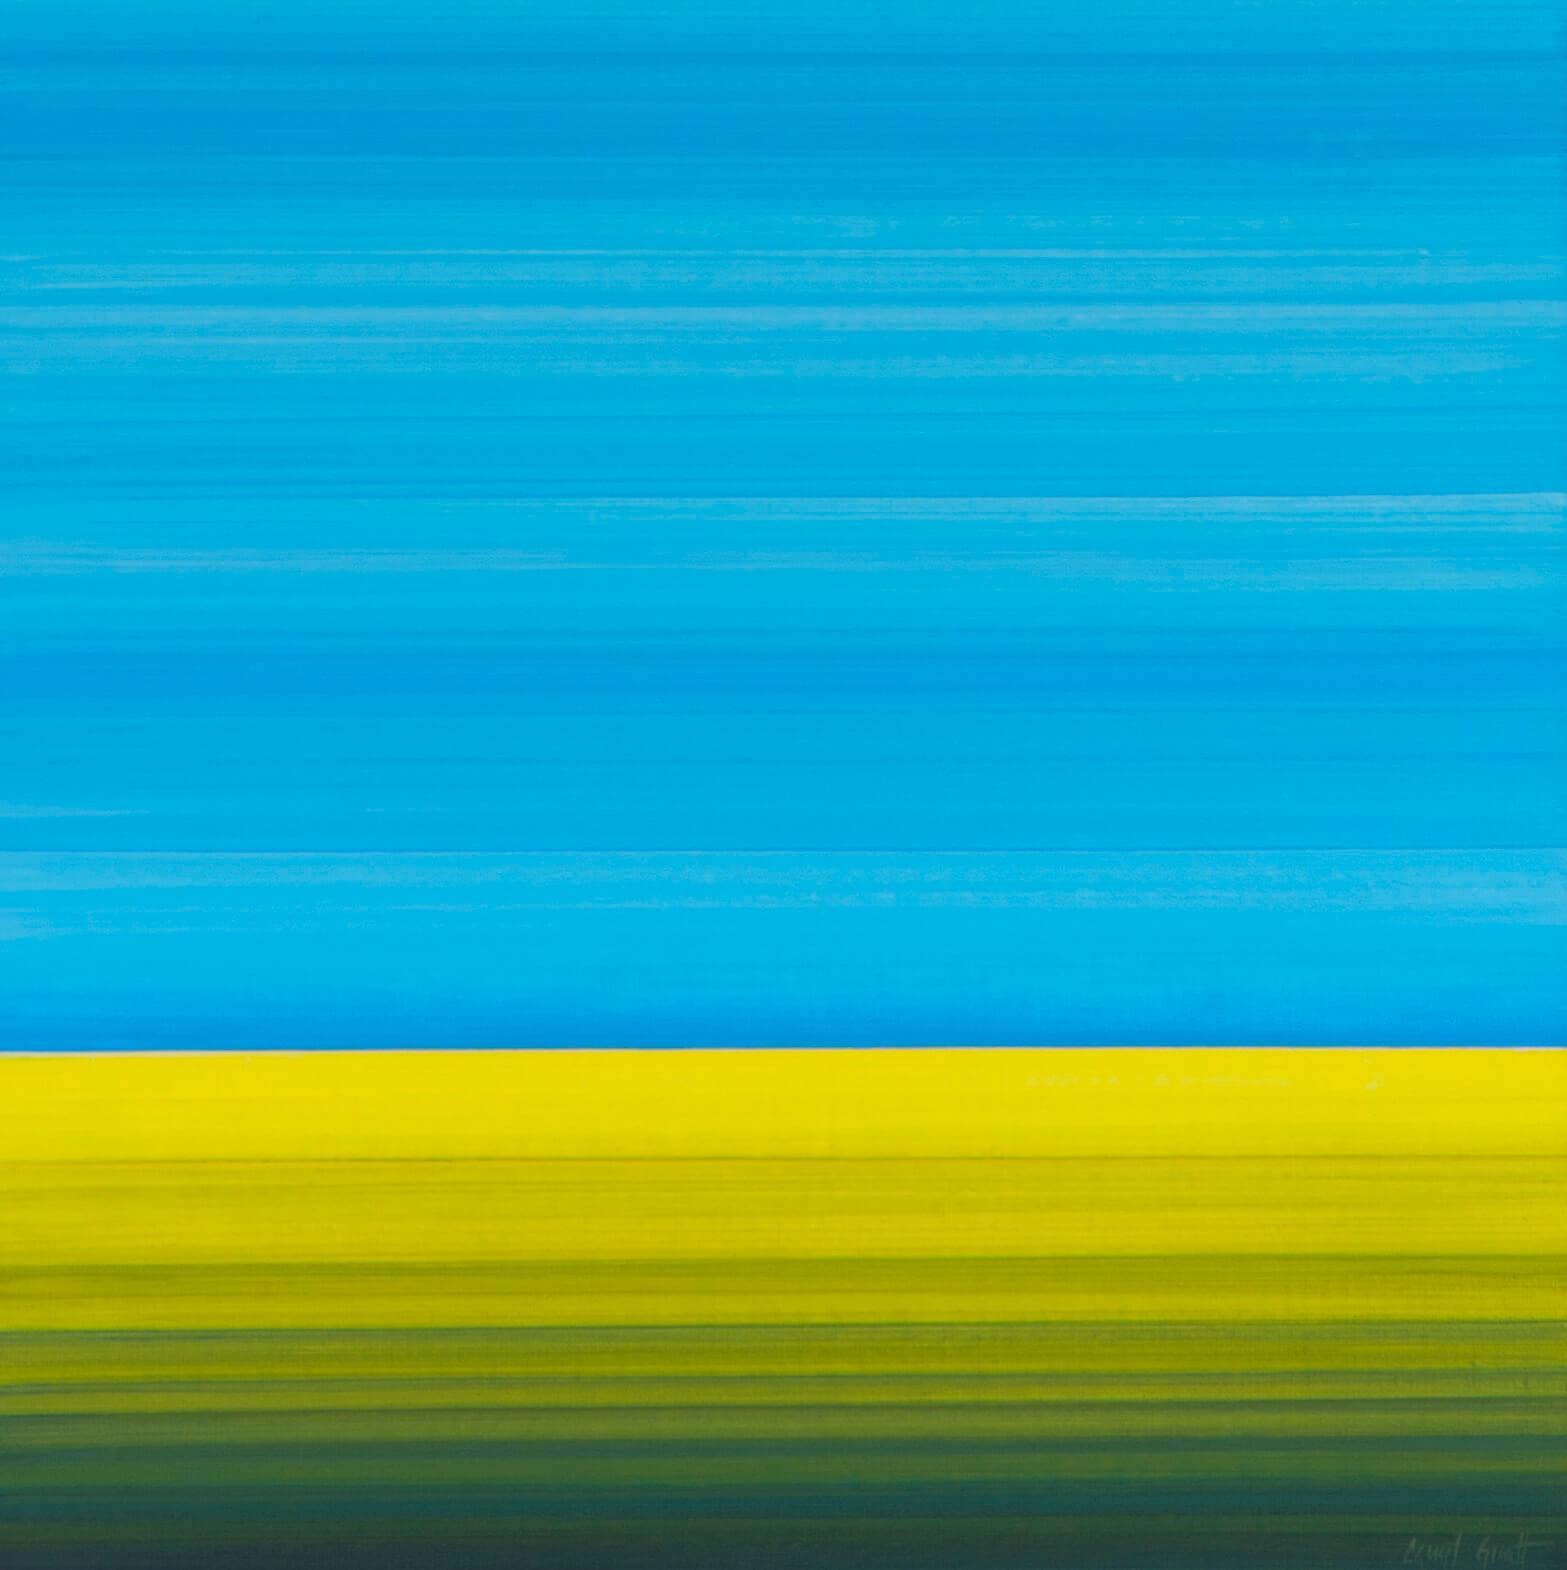 Paisatge-Lineal-04-60x60 Camil Giralt